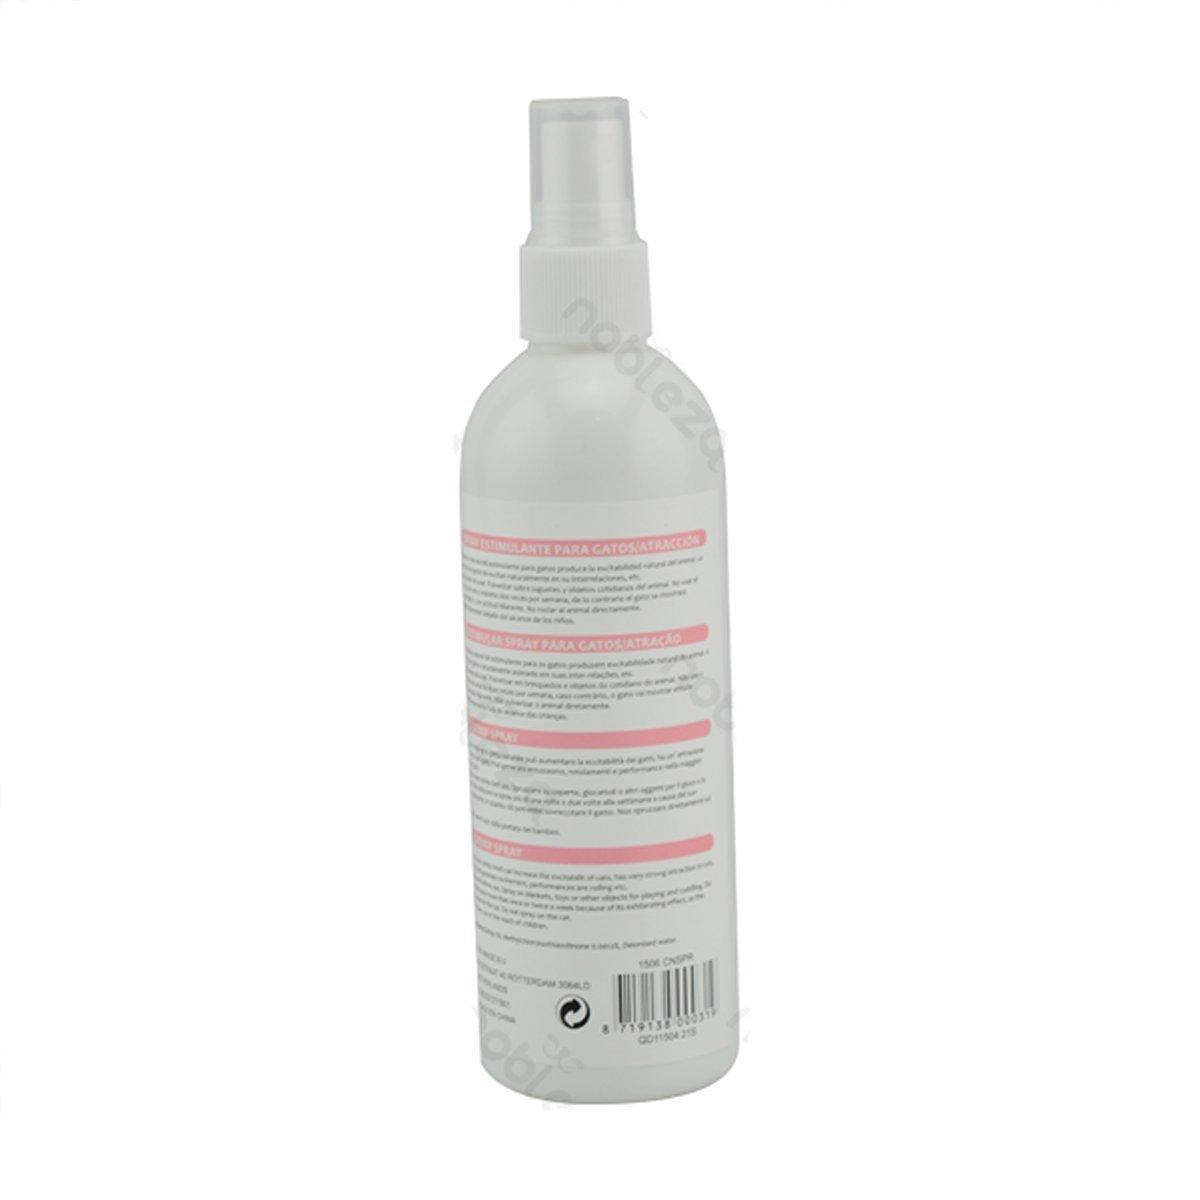 Spray estimulante atrayente para gatos Nobleza, contenido 175 ml: Amazon.es: Hogar